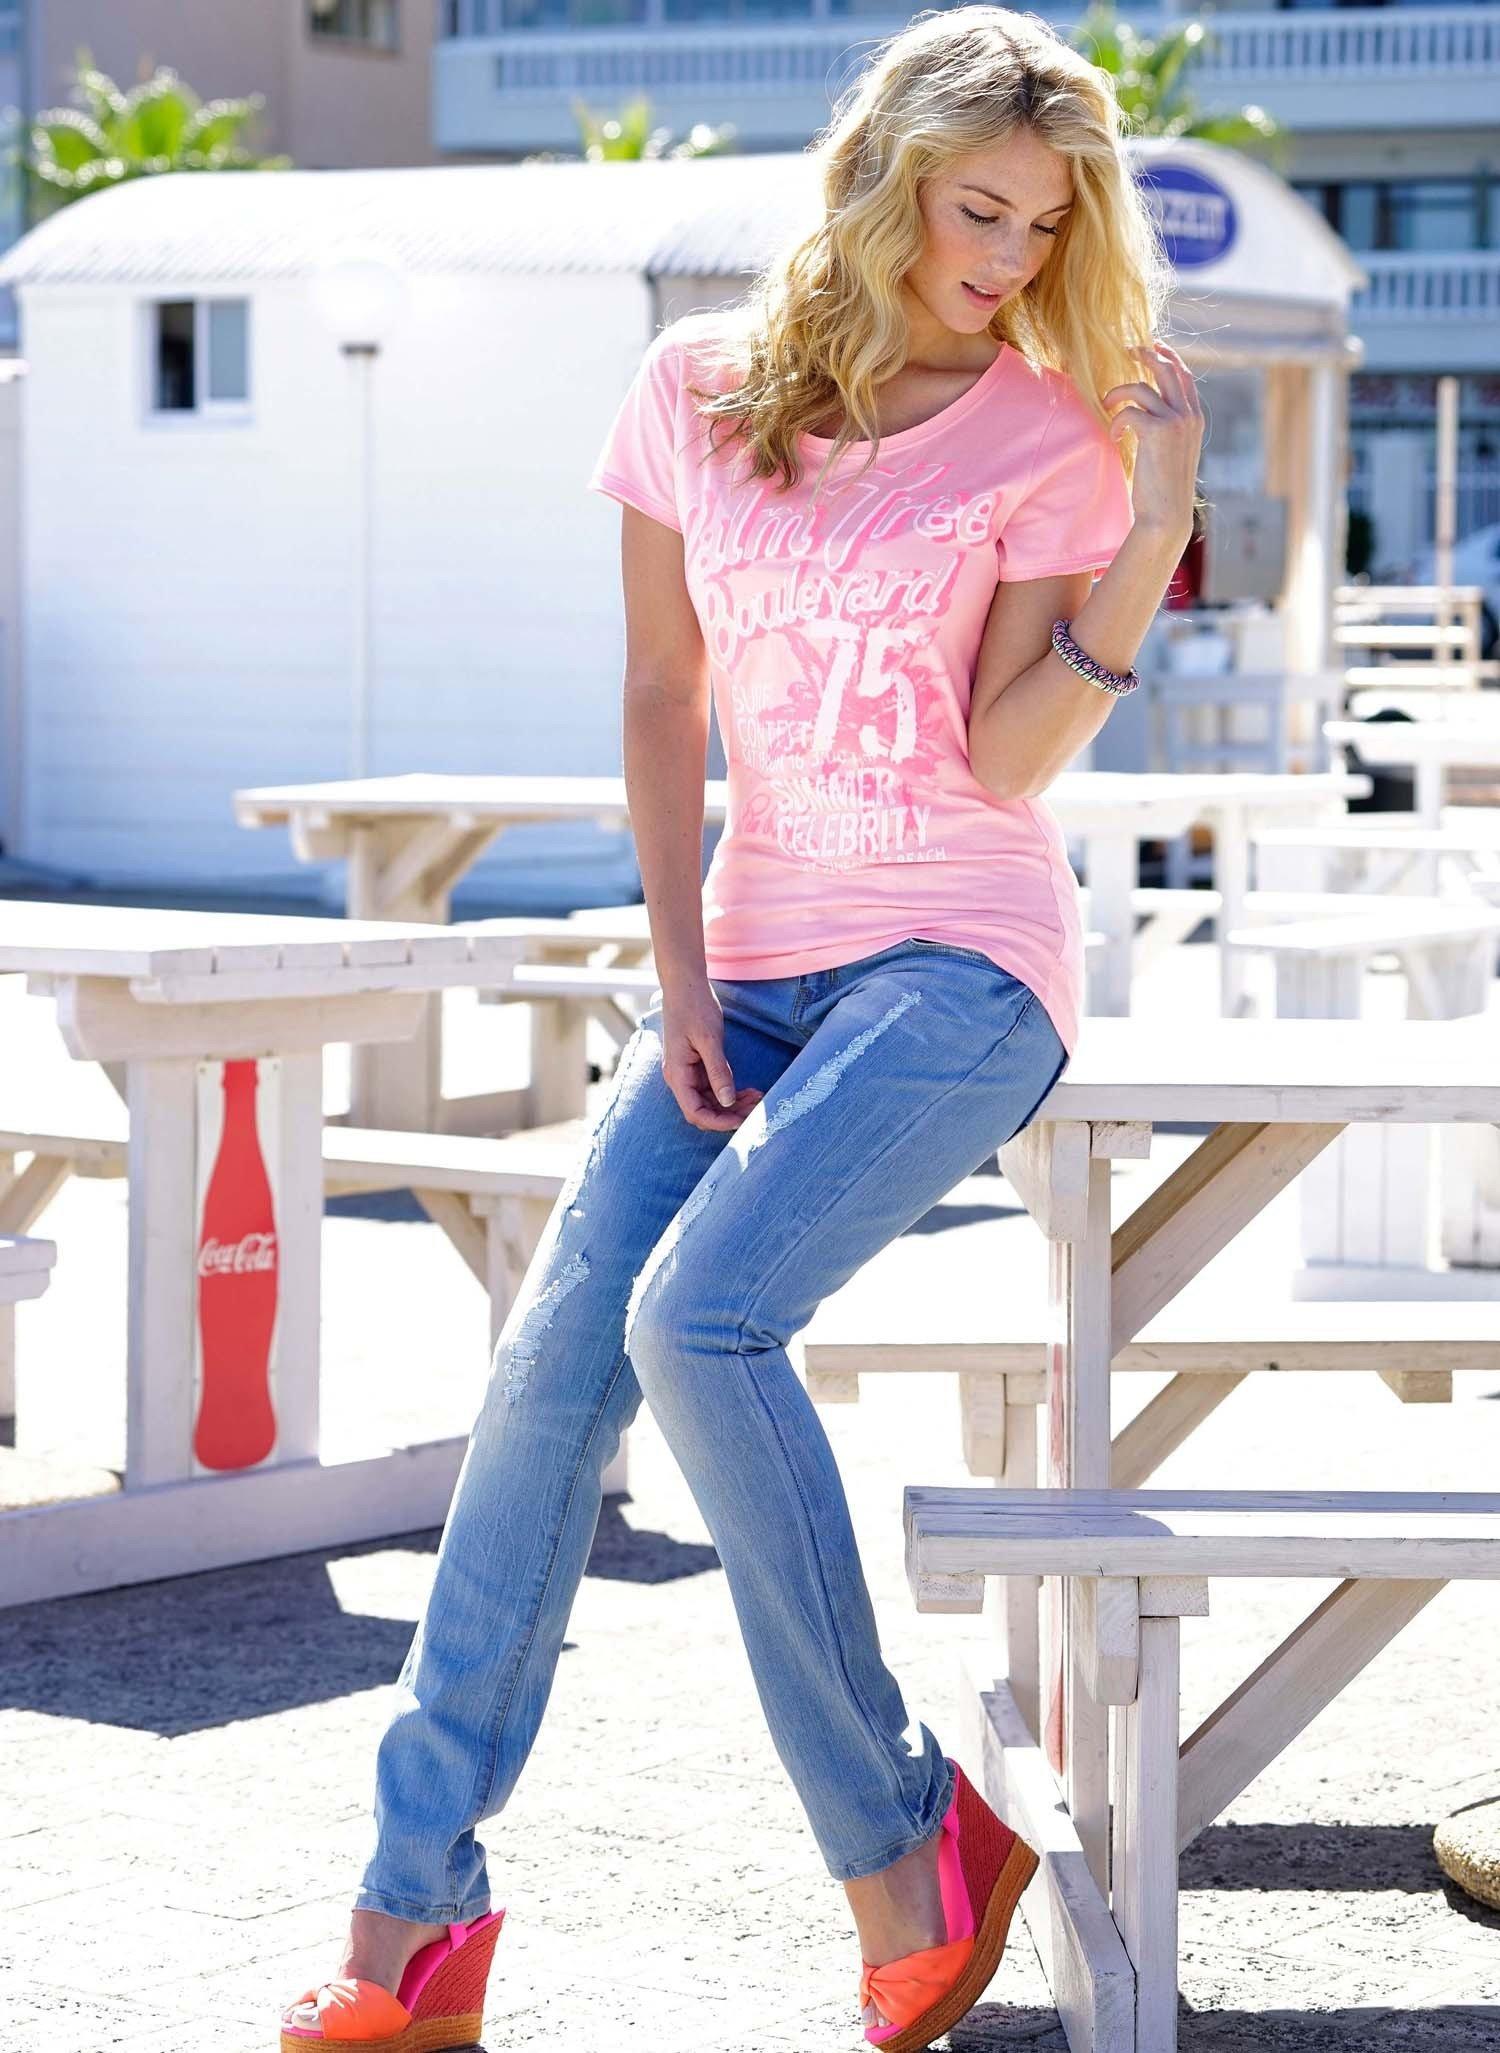 D-Jeans,Röhrli/Strass,Blue-D. 34 050 - 1 - Ronja.ch